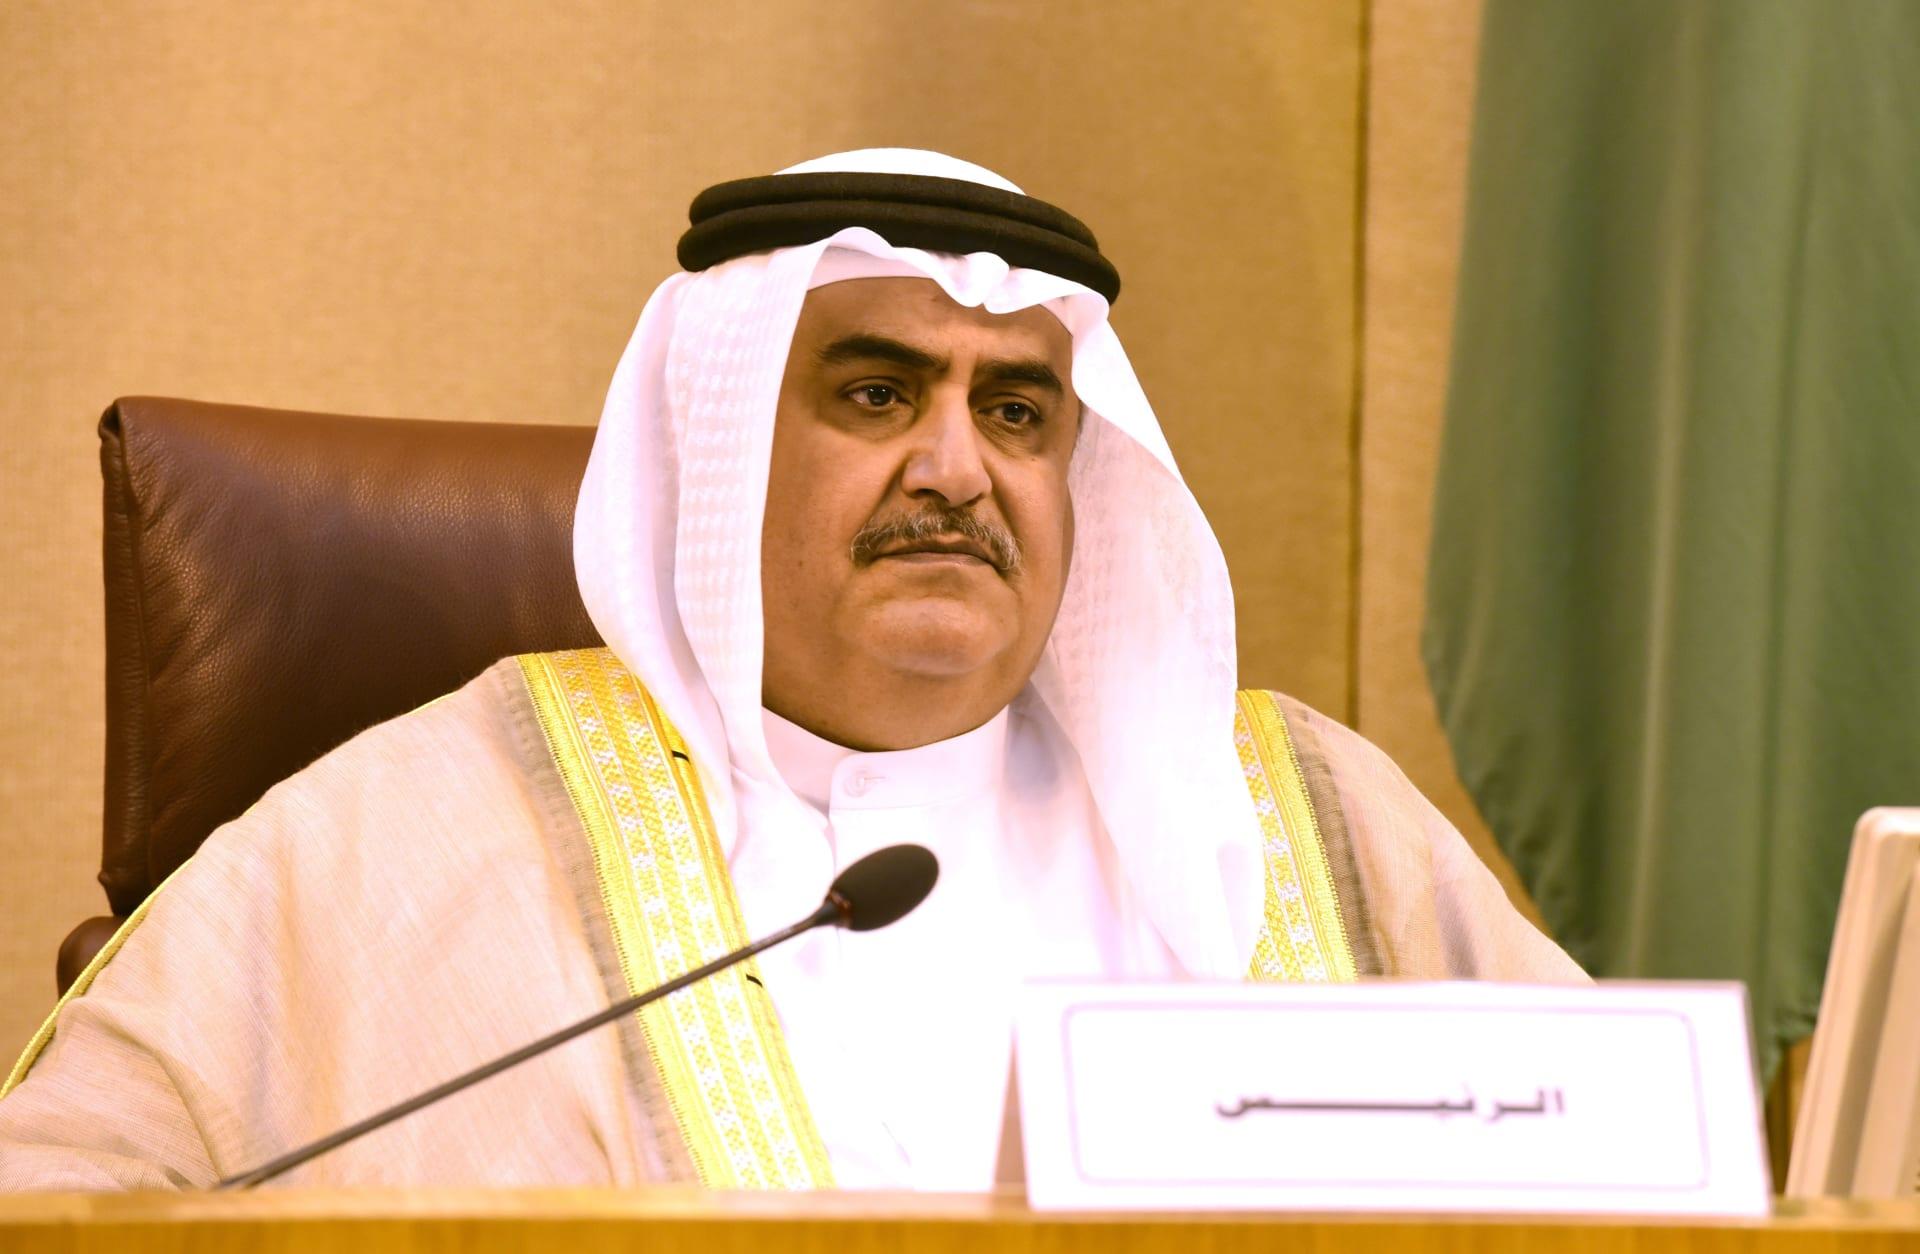 وزير خارجية البحرين السابق يرد على تصريحات فضل الفلسطينيين بتعليم شعوب الخليج القراءة والكتابة: لن يسيء تافه لعلاقاتنا